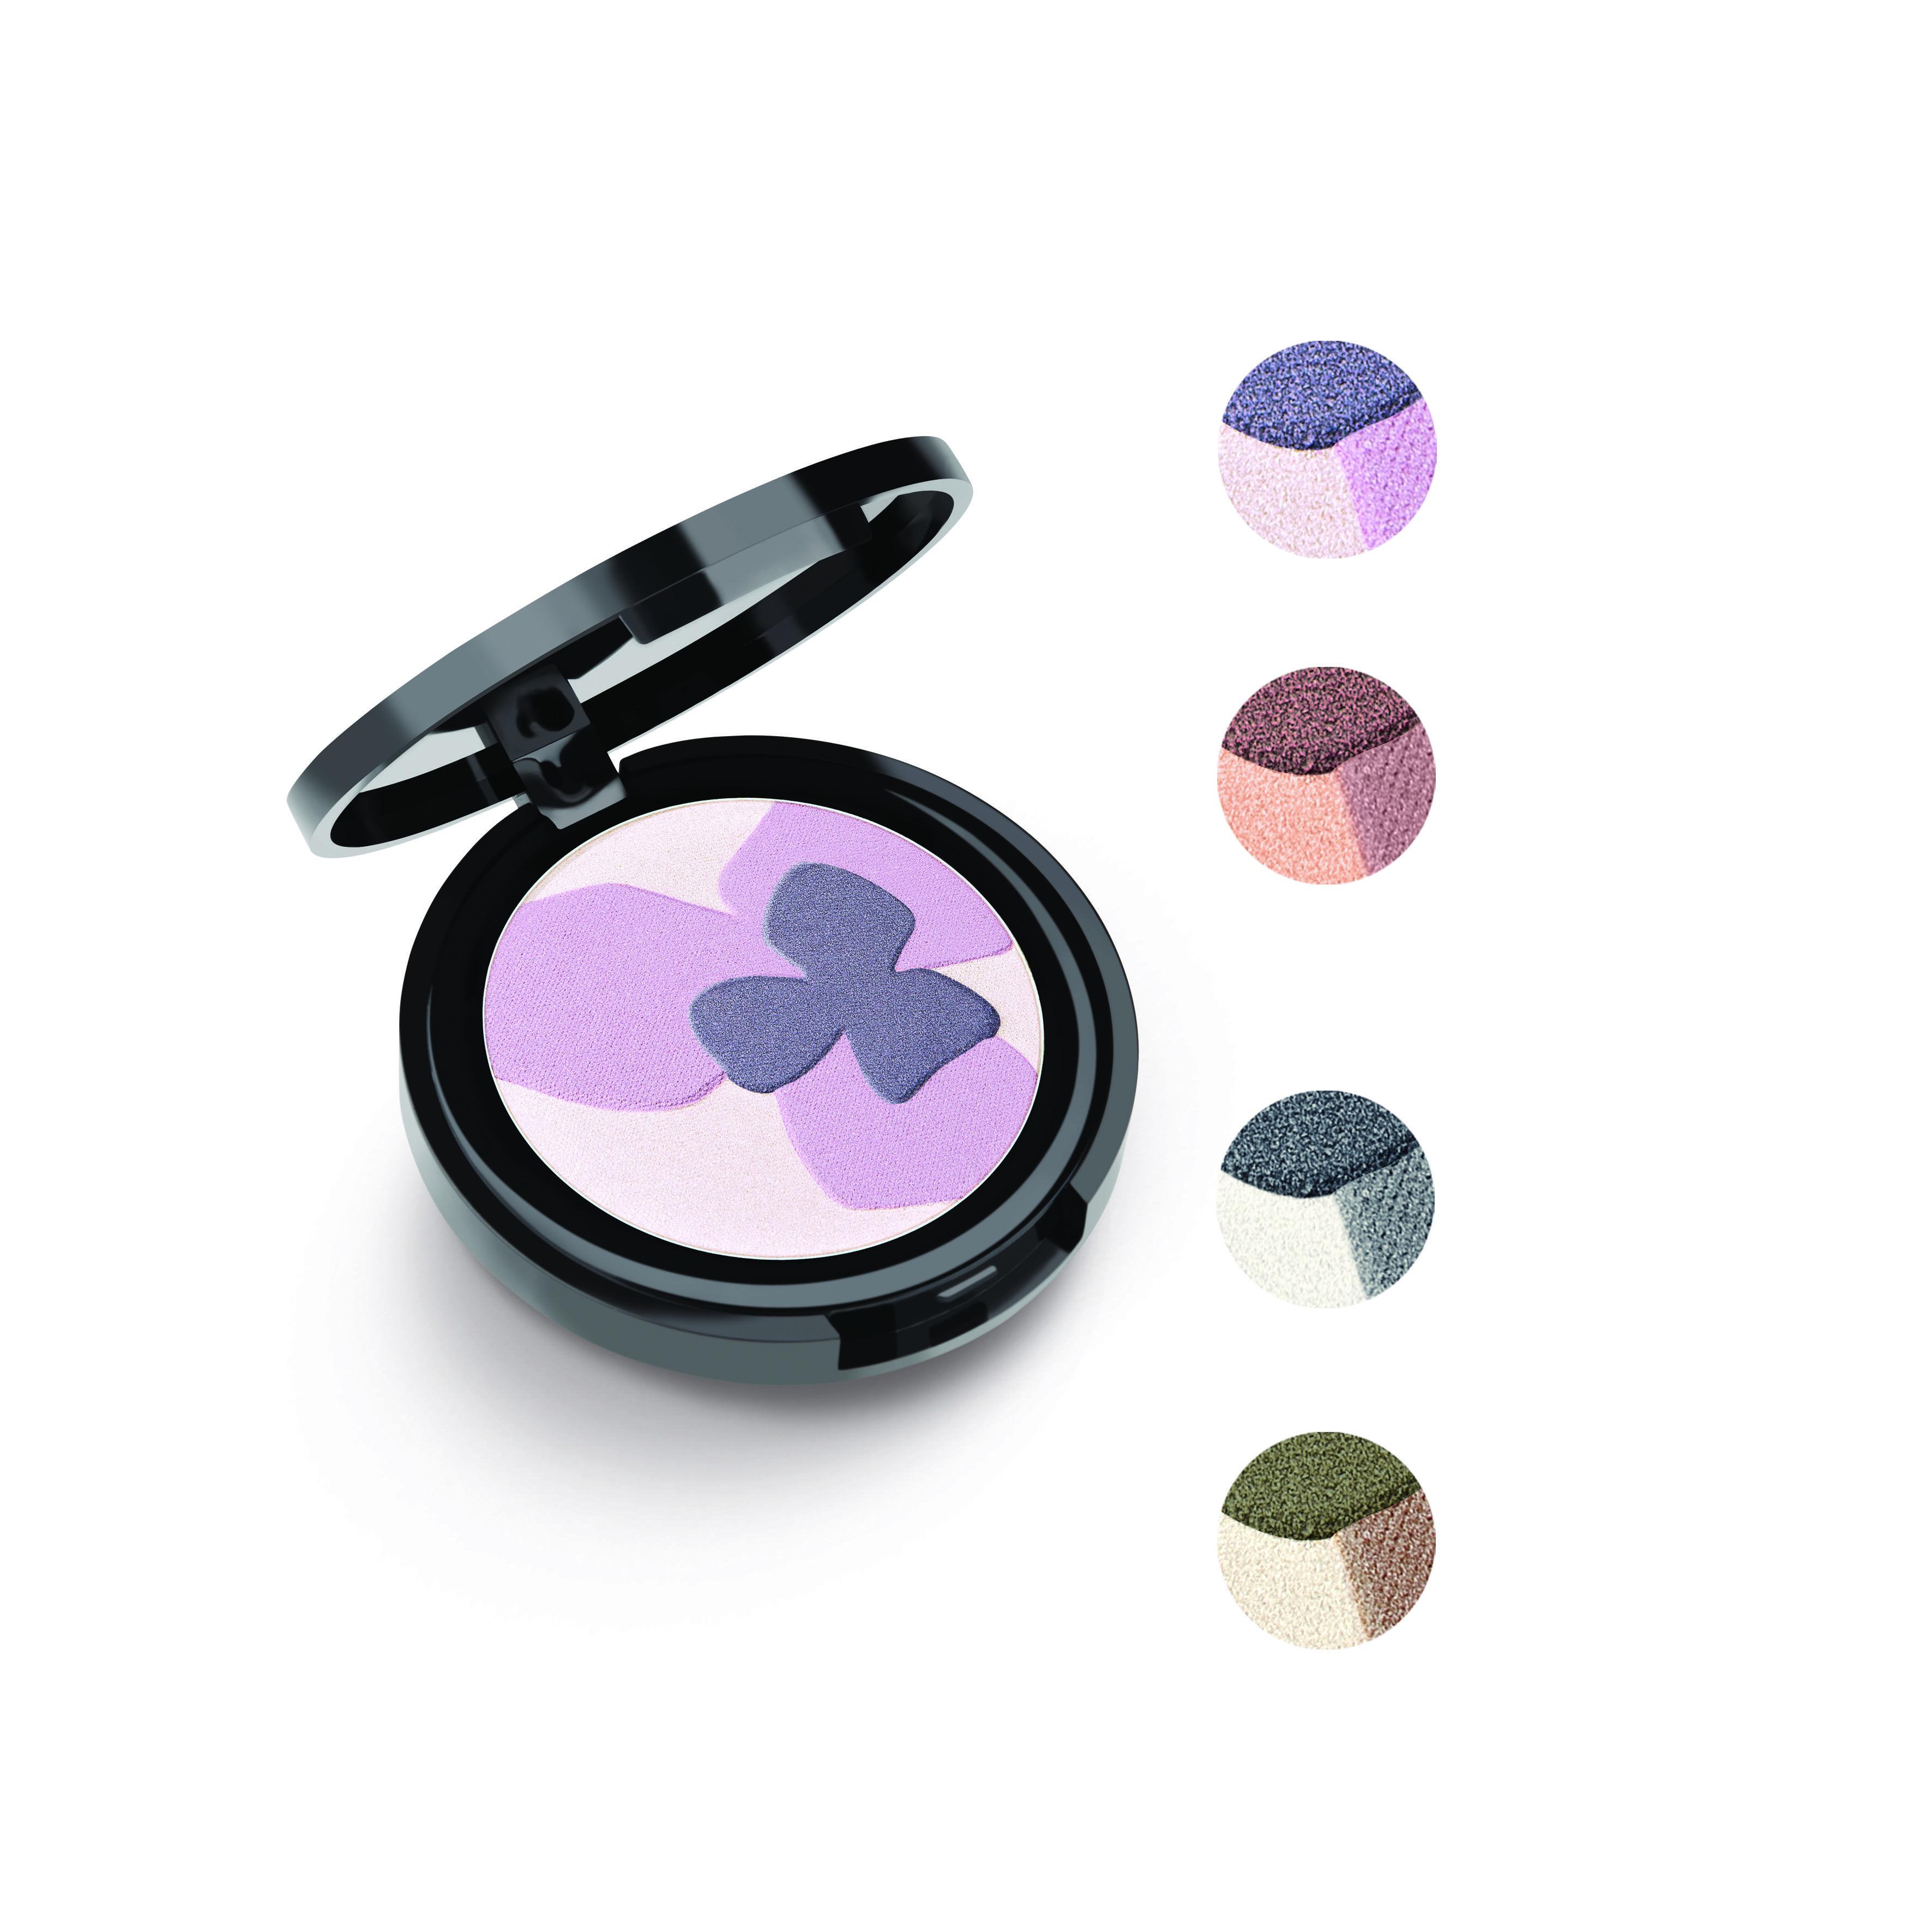 Mineral Eyeshadows. Σκιές ματιών βασισμένες σε επιλεγμένα